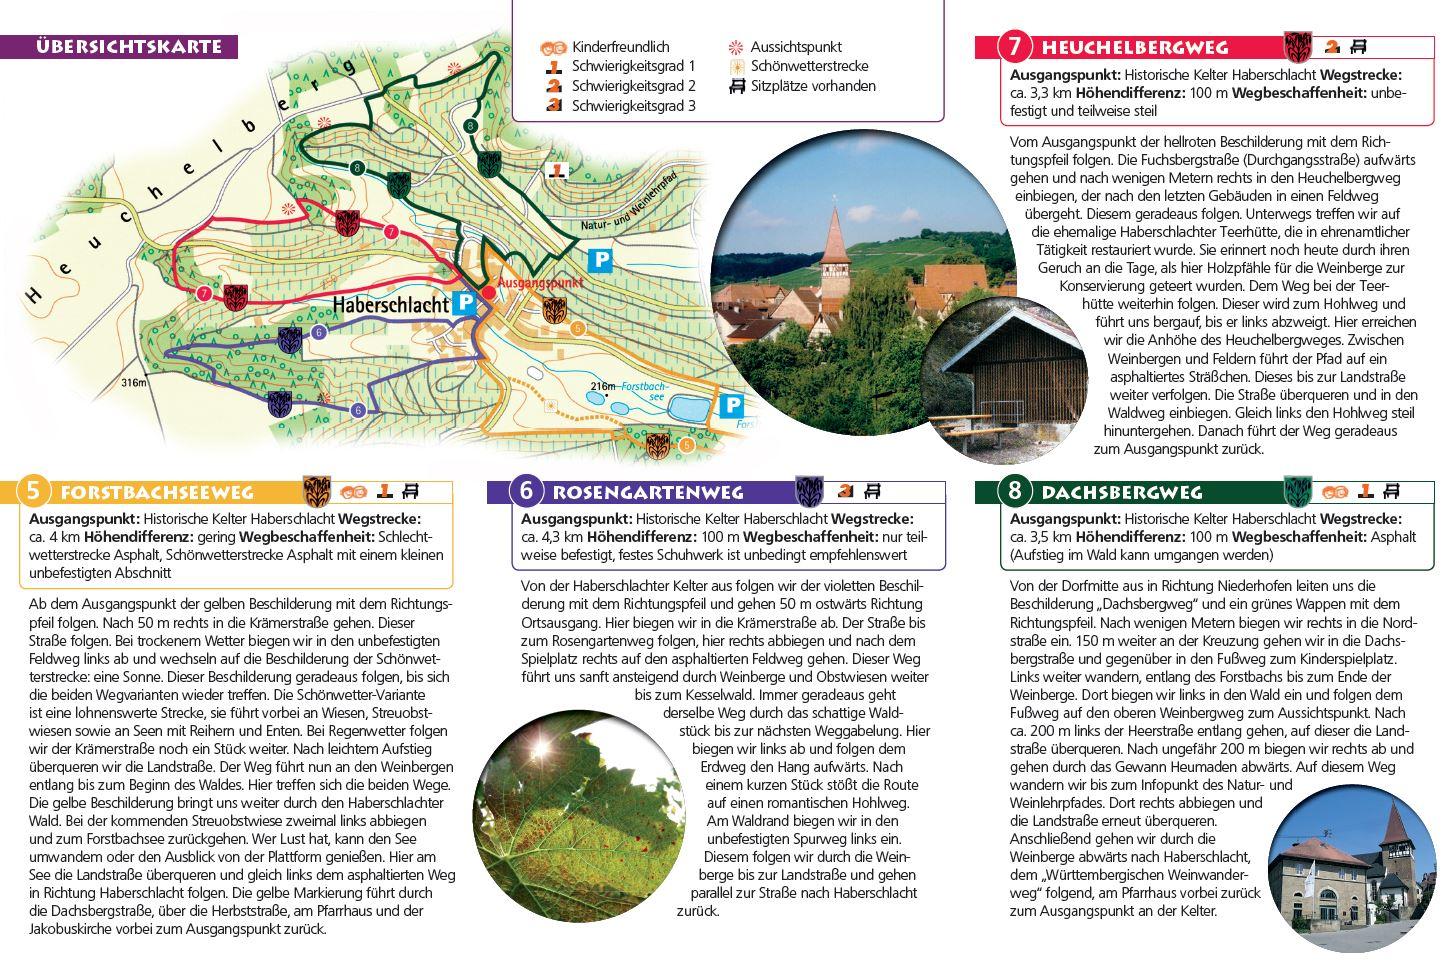 Flyer - Haberschlachter Rundwanderweg